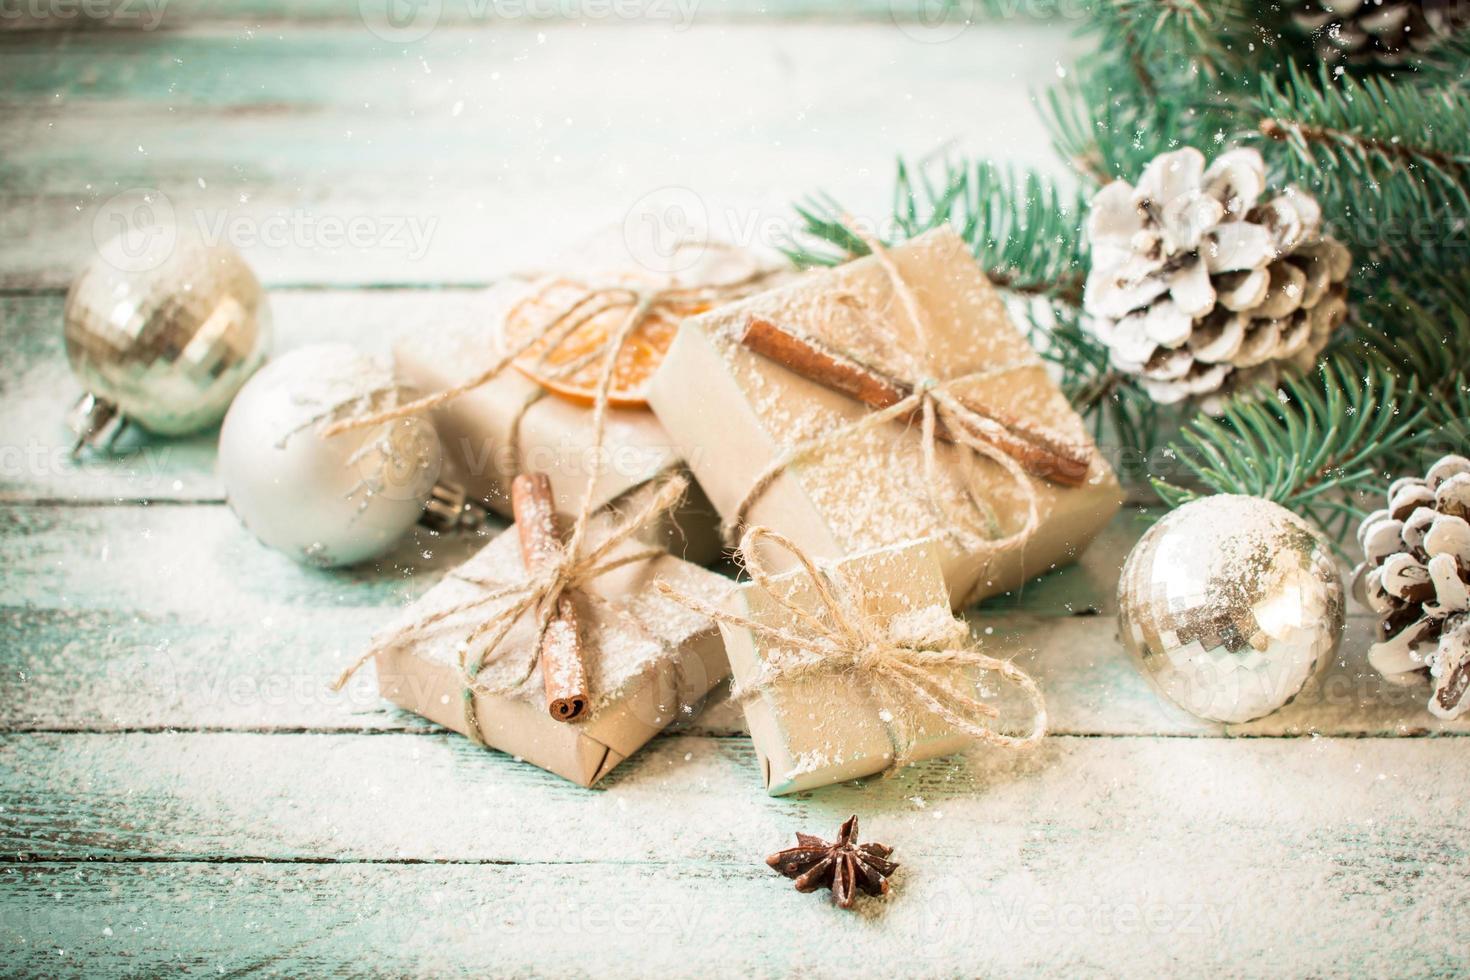 decoração de Natal em abstrato, filtro vintage, foco suave foto